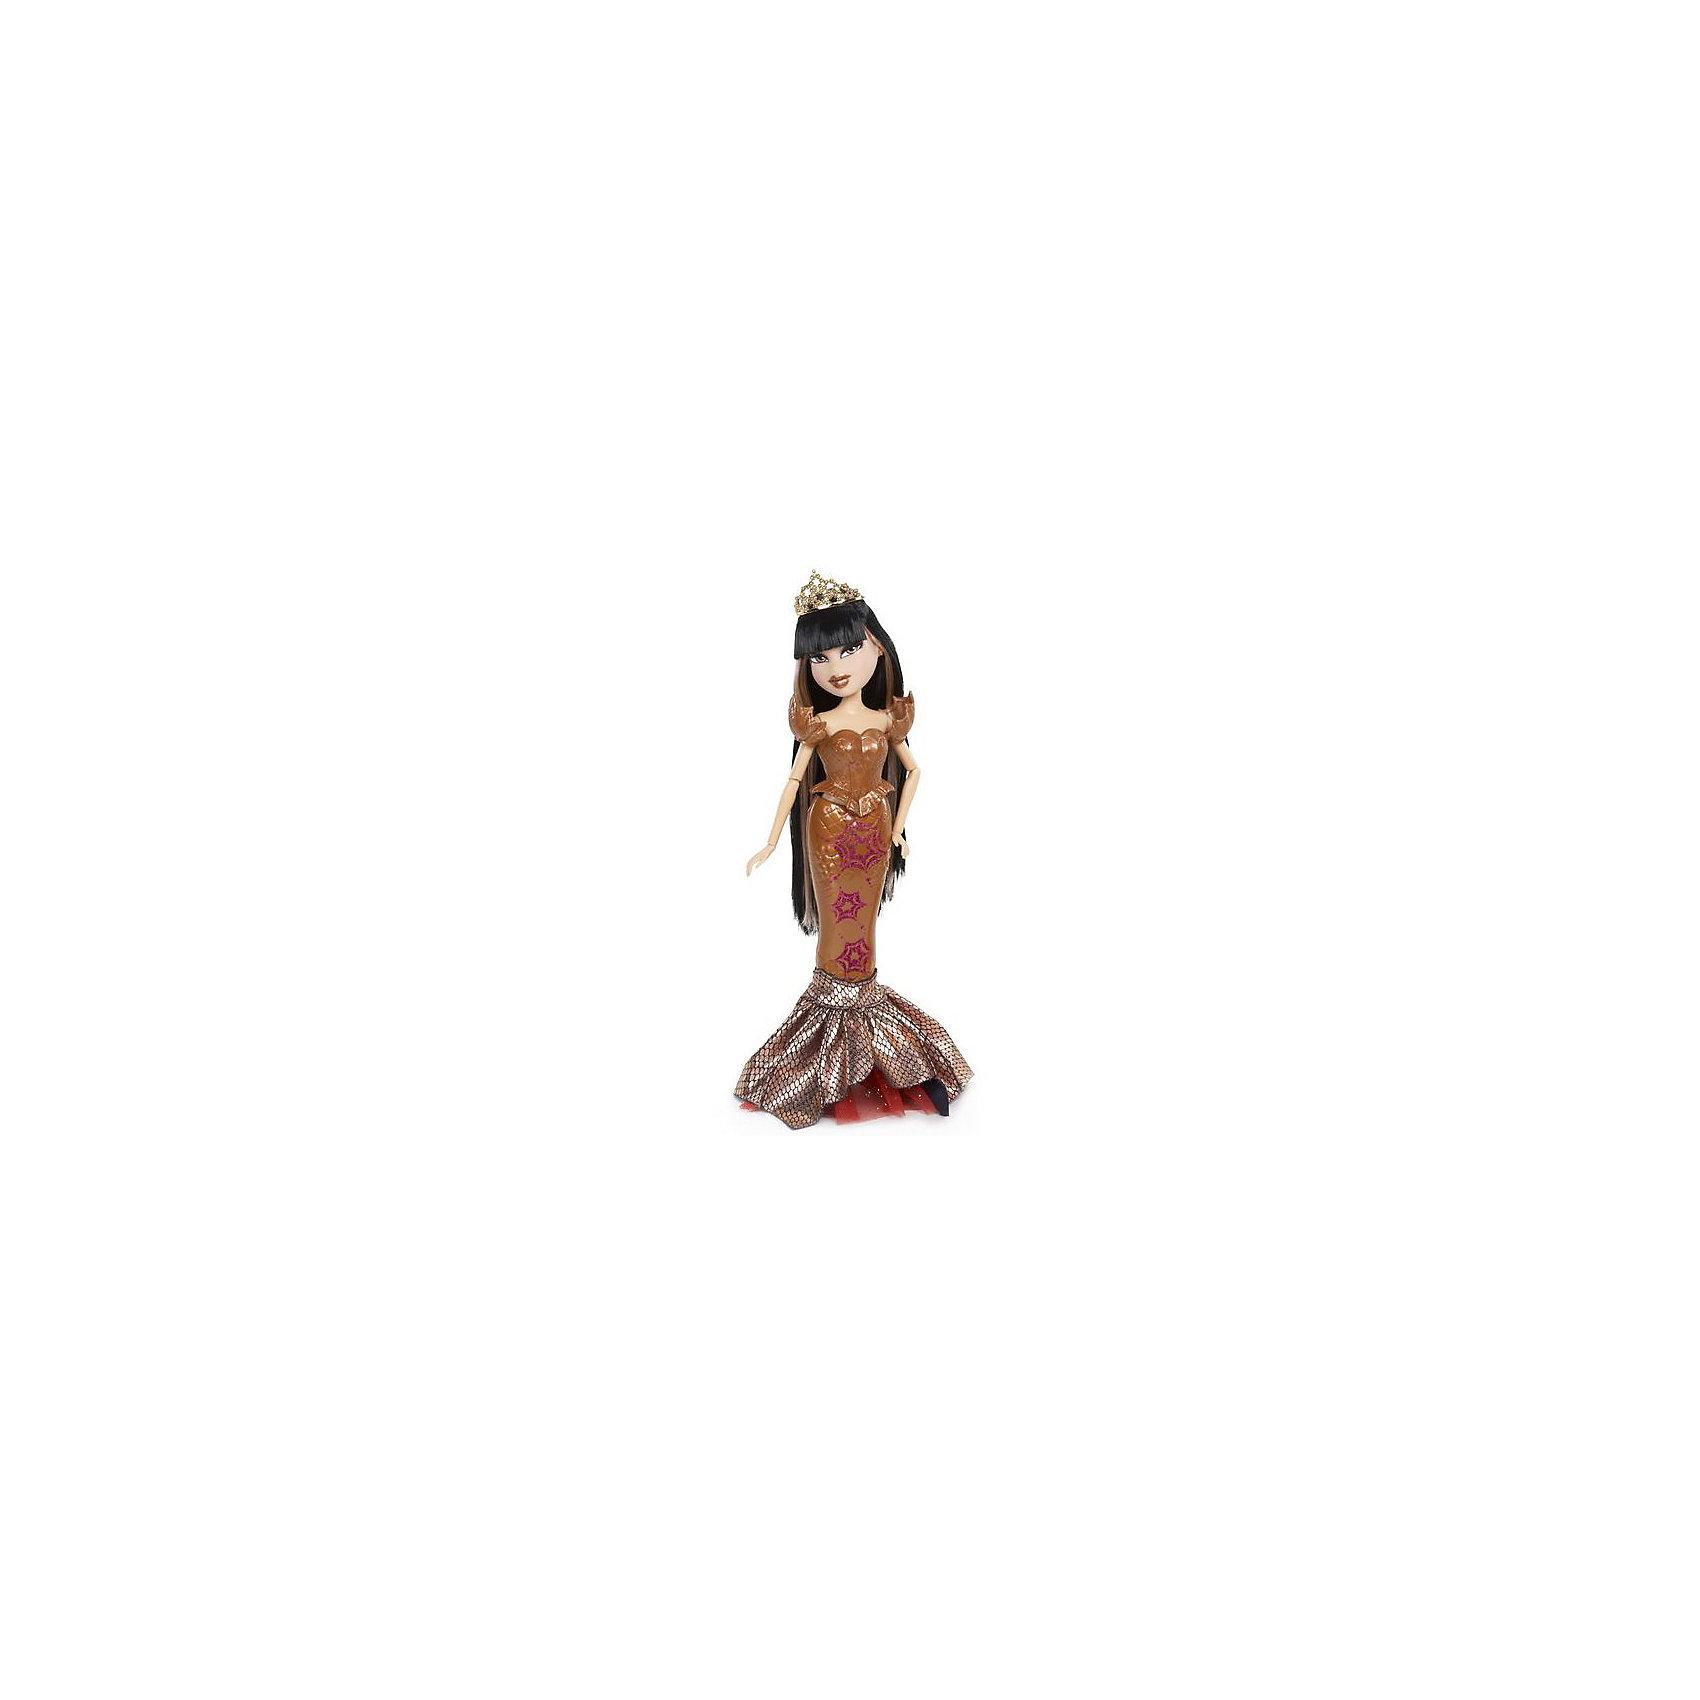 Кукла Русалка Джейд, BratzОслепительная представительница королев морского царства - кукла Bratz Русалка, Джейд.<br>Она выглядит утонченно, роскошно, богато и даже мистически. Светлые пряди на длинных черных волосах и густая челка, сверкающая драгоценная  корона, яркий макияж и оригинальный костюм подчеркивают этот образ. <br>Русалка Джейд и ее подружки Жасмин и Хлоя могут находиться и на суше, и под водой.<br>С помощью своего таинственного наряда в цвете красного золота, она может быть в костюме русалки, в который входит роскошный хвост с бордовым узором морских звезд, стильный  корсет с плечиками в виде ракушек, и блестящий чешуйчатый плавник. Или превратиться в земную красавицу, одев очаровательную пышную юбку черного цвета с красным капроном сверху, черные туфли на высоком каблуке, украшенные золотистыми плавниками сзади. Нужно отсоединить русалочий хвостик на магните и сделать его пышной юбкой.<br><br>Дополнительная информация:<br><br>- высота куклы: 25 см. <br>- материал: нетоксичная пластмасса и текстиль<br>- у куклы сгибаются ручки, ножки и голова куколки подвижны. <br>- в наборе так же есть красная расческа. <br><br>Куклу Bratz Русалка, Джейд  можно купить в нашем интернет магазине.<br><br>Ширина мм: 260<br>Глубина мм: 330<br>Высота мм: 65<br>Вес г: 553<br>Возраст от месяцев: 36<br>Возраст до месяцев: 156<br>Пол: Женский<br>Возраст: Детский<br>SKU: 3151430